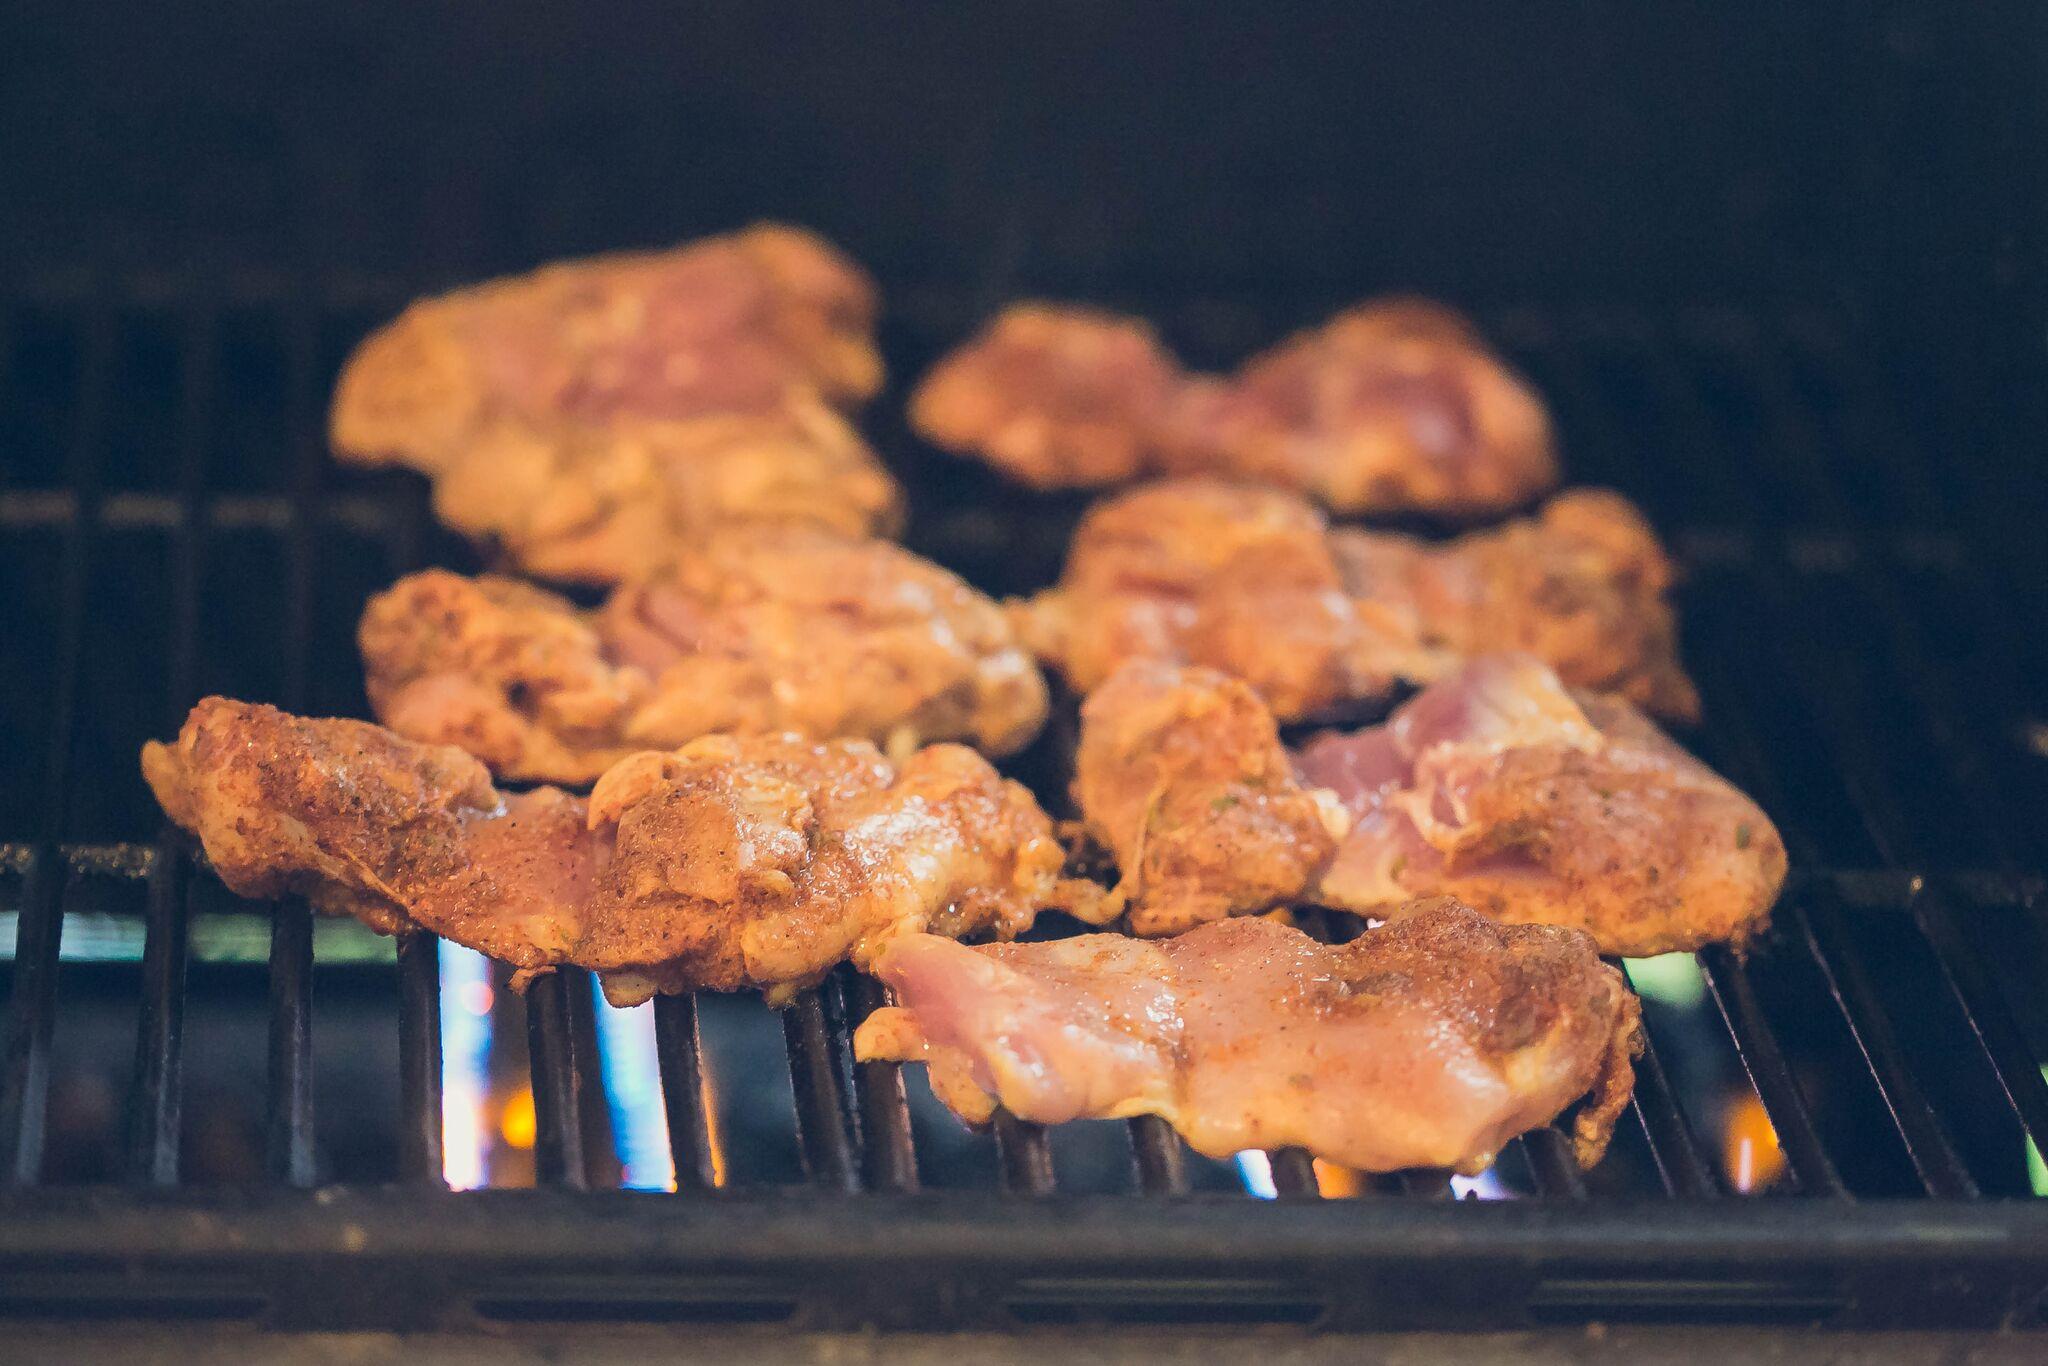 Grill chicken on medium heat.